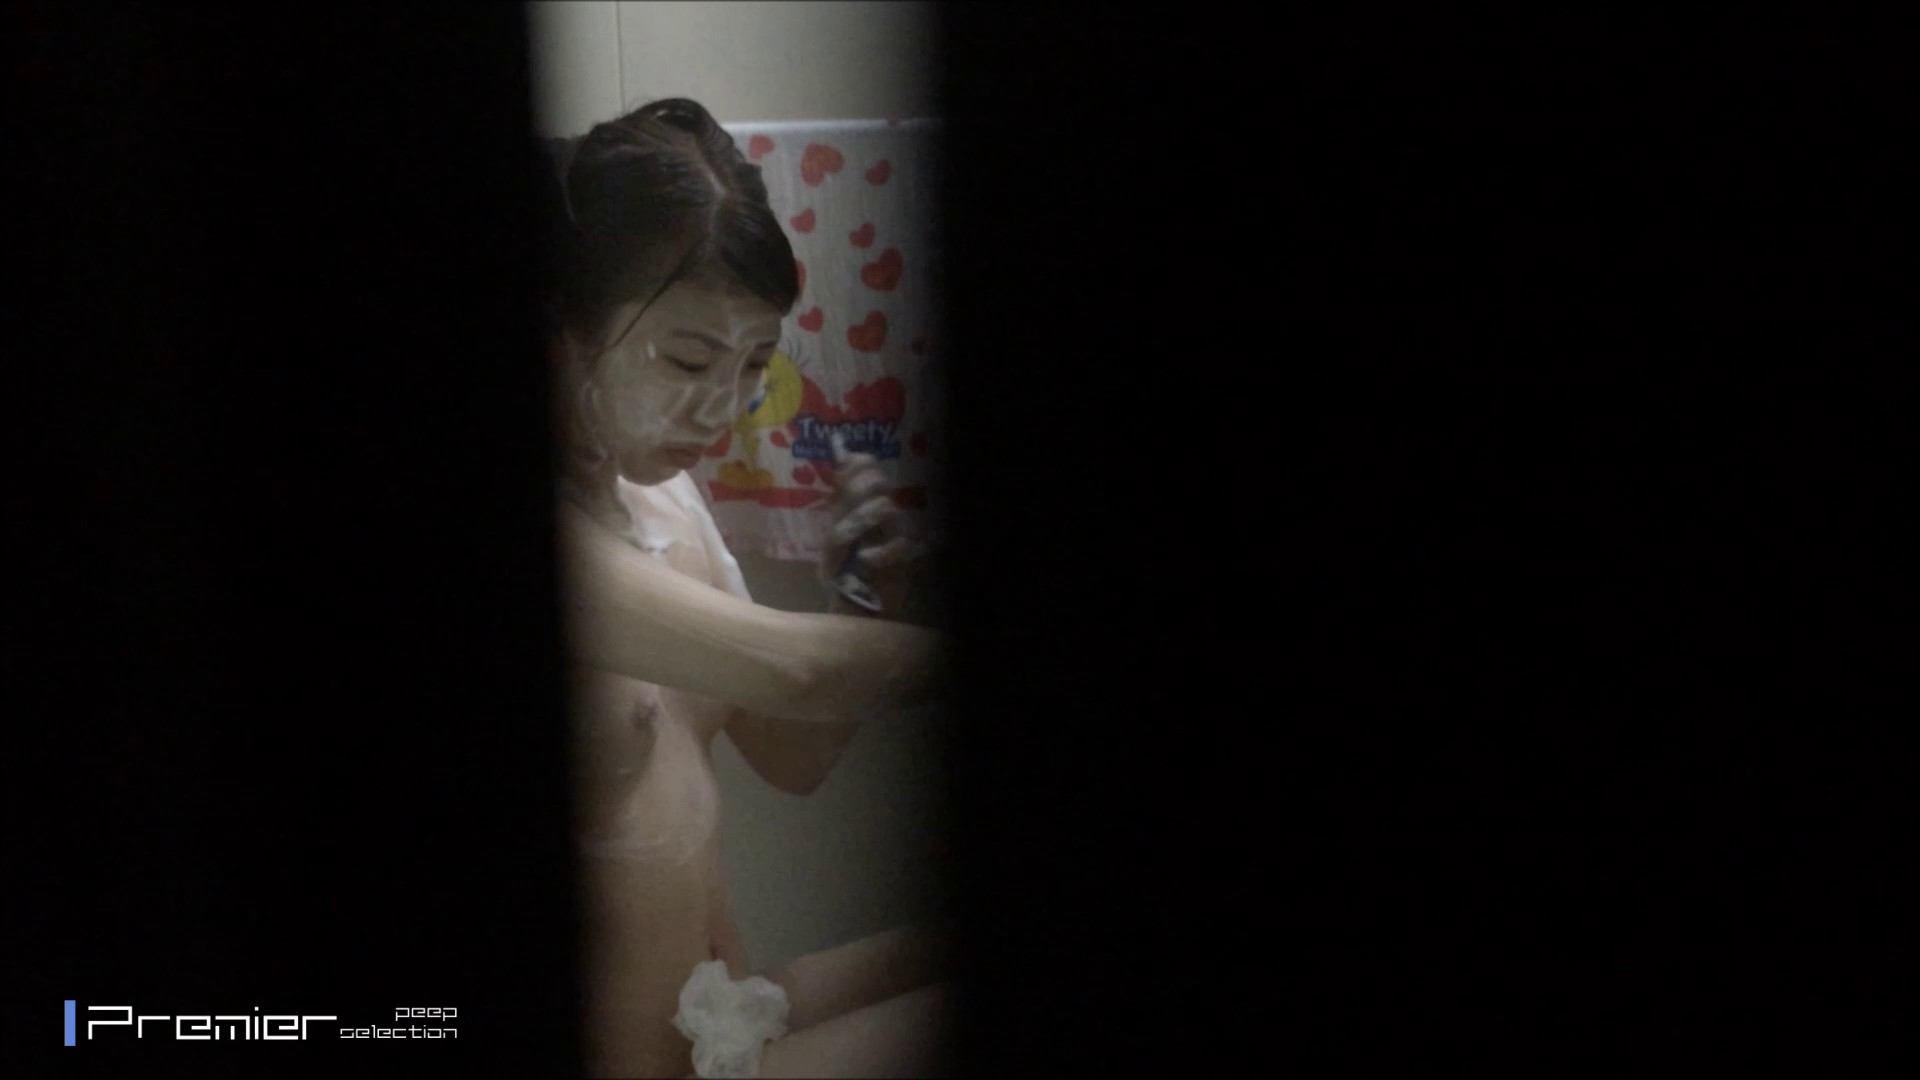 笑顔のスポーツ美女 乙女の風呂場 Vol.23 細身女性 オマンコ動画キャプチャ 105画像 95